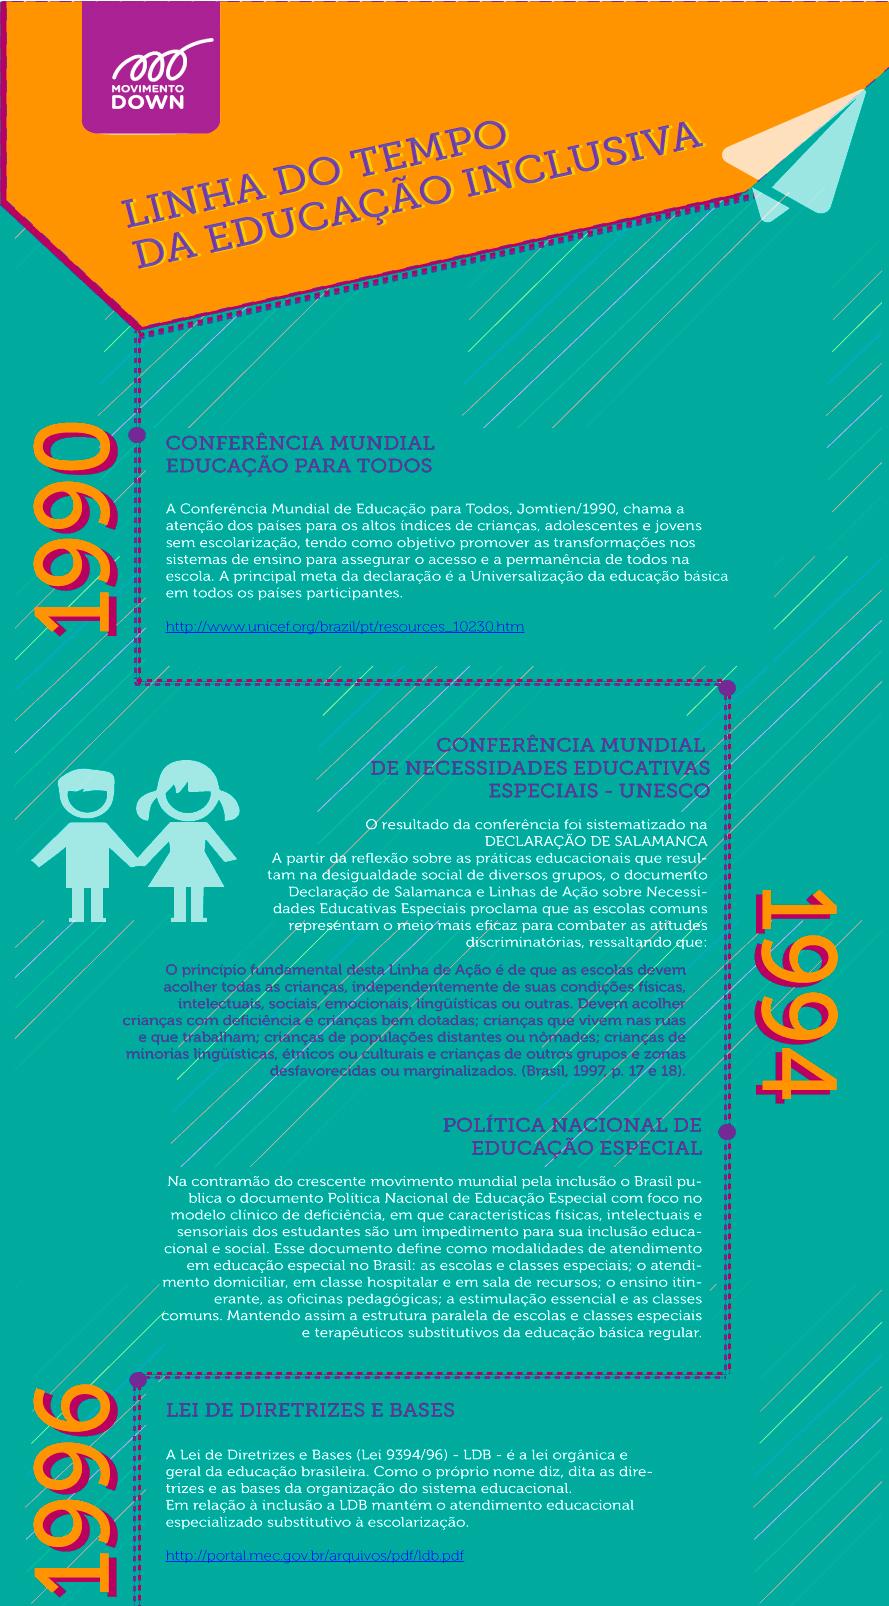 Linha do Tempo da Educação Inclusiva